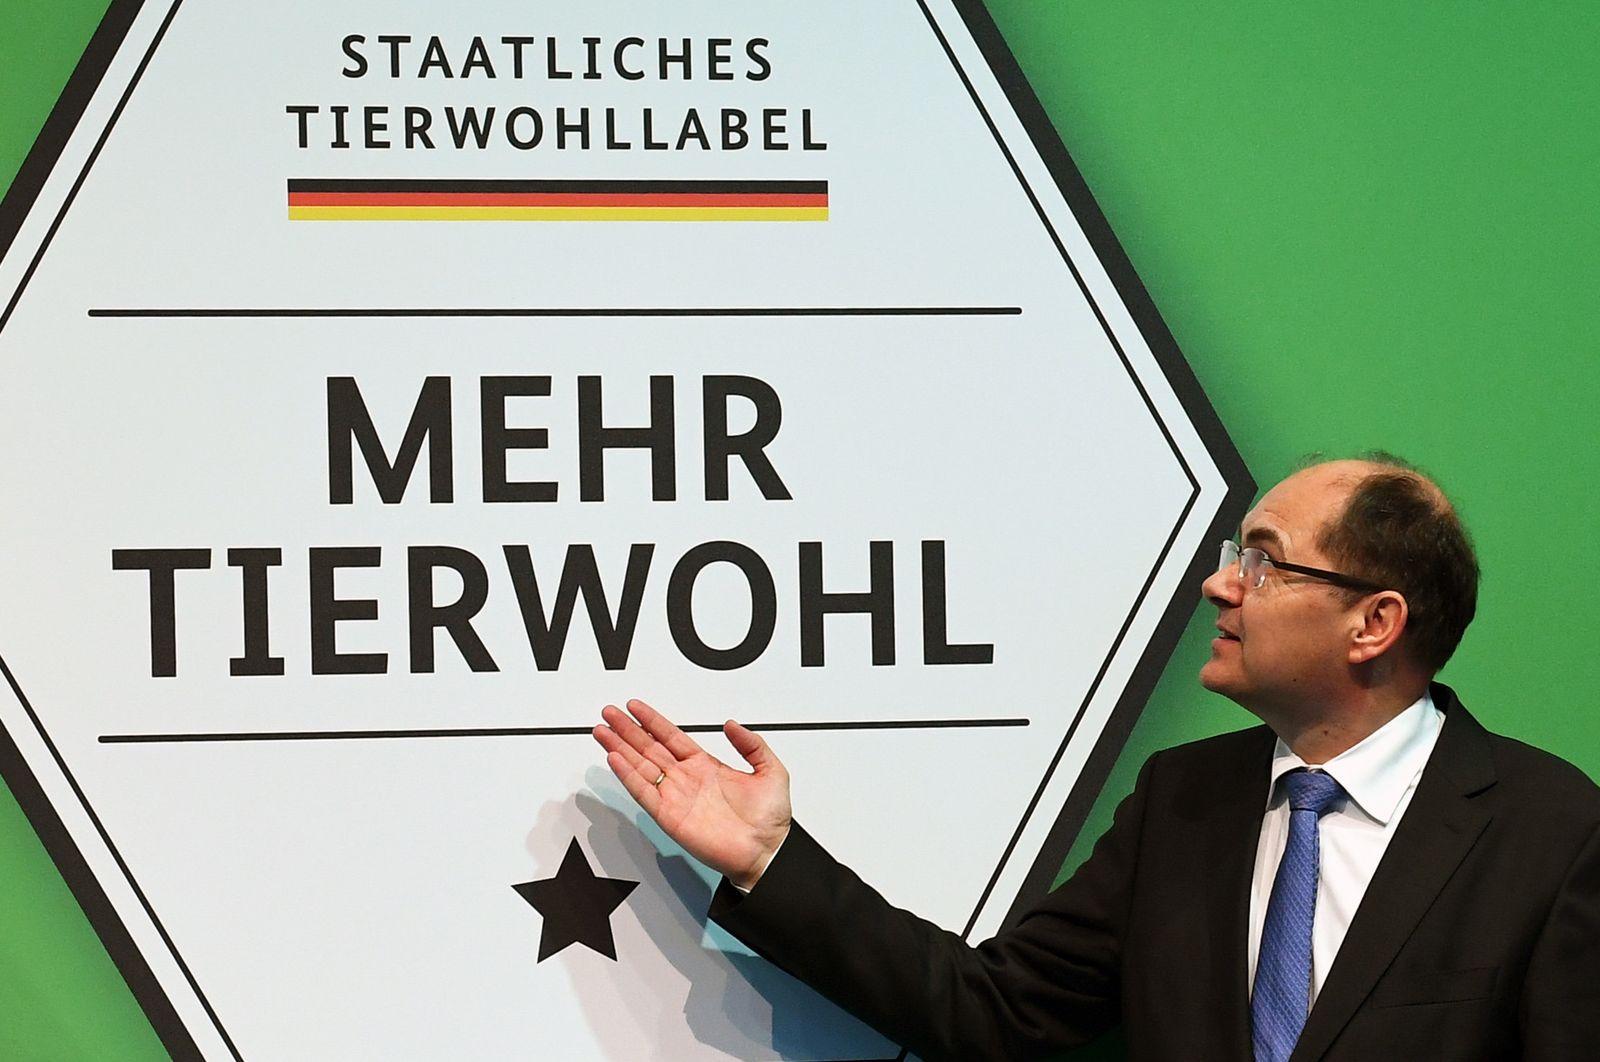 Tierwohl/ Siegel/ Schmidt